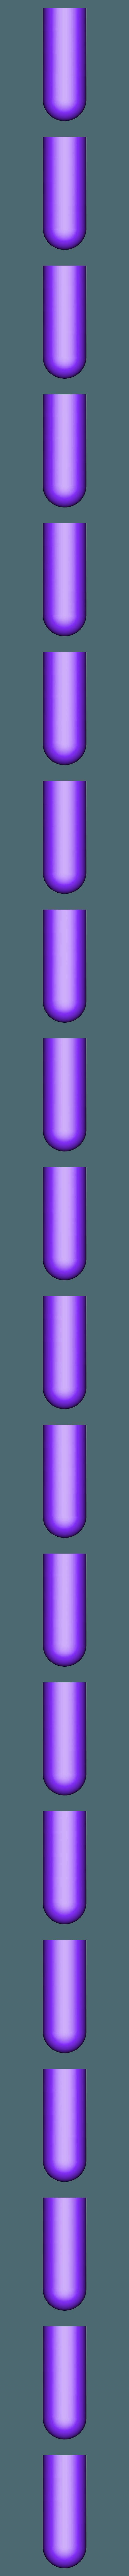 1904-07_Part03.stl Download free STL file 3D printed lock • 3D printer design, EL3D